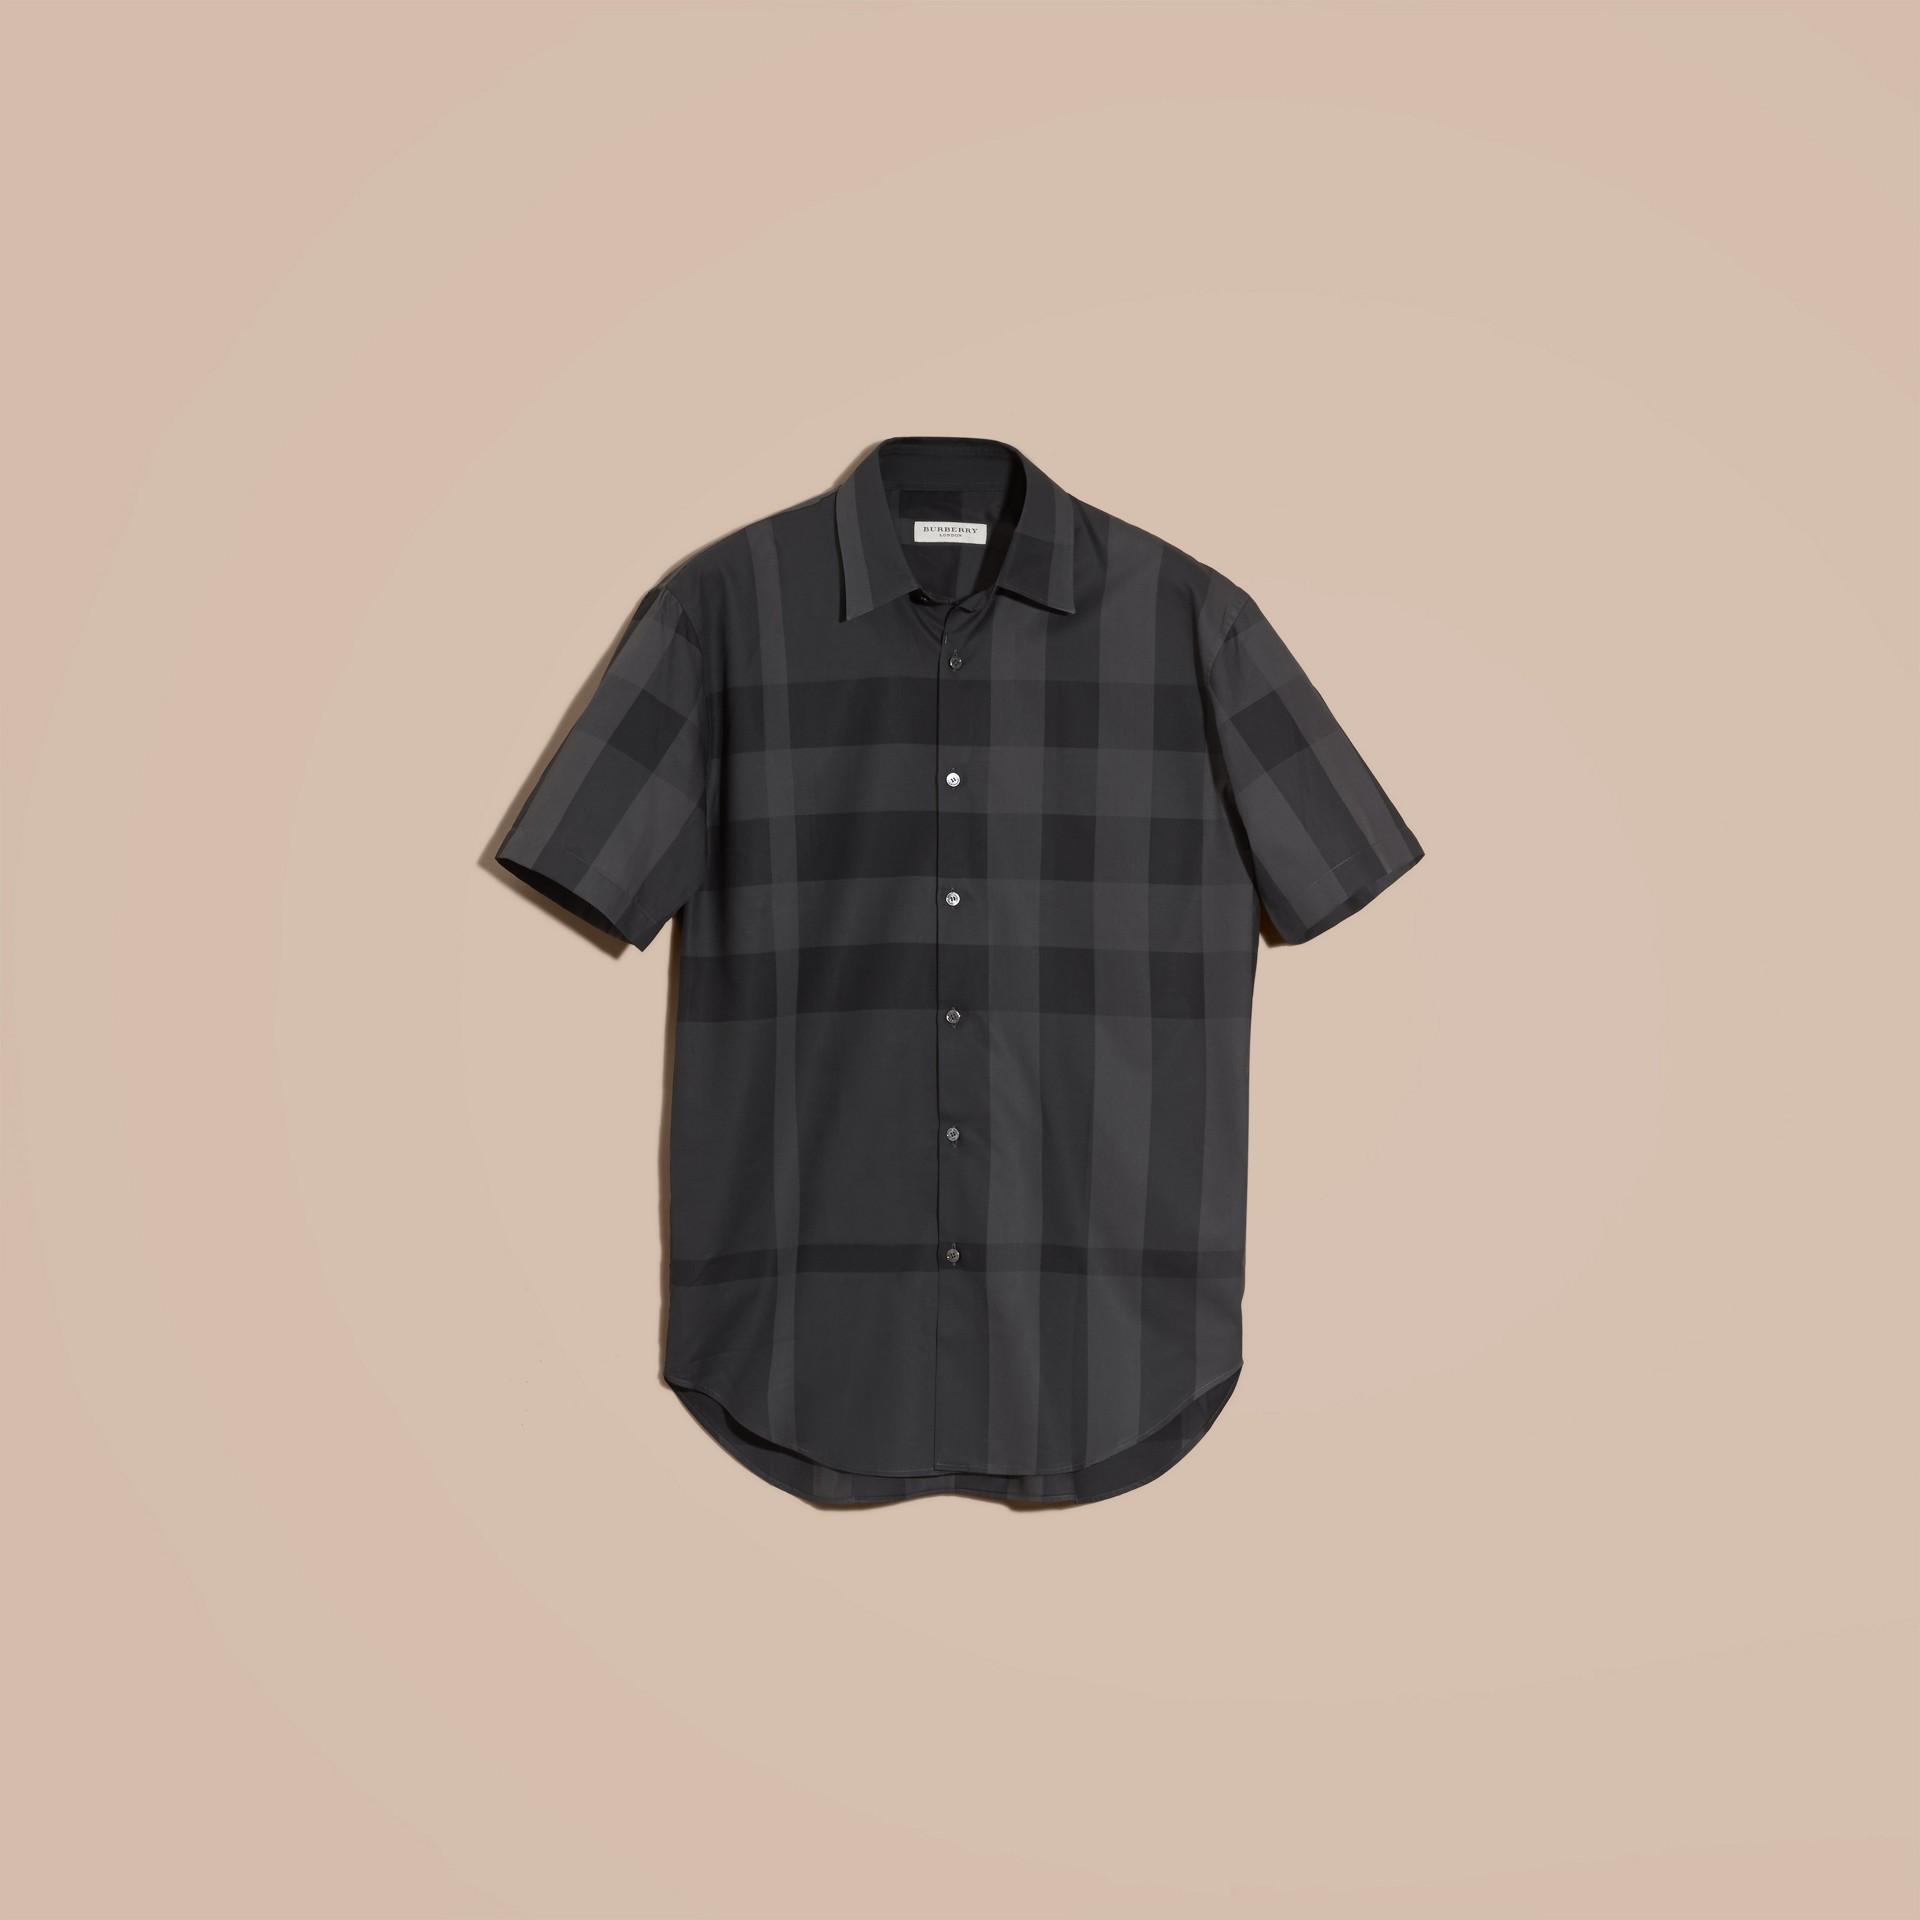 Anthrazitfarben Kurzärmeliges Baumwollhemd mit Check-Muster Anthrazitfarben - Galerie-Bild 4